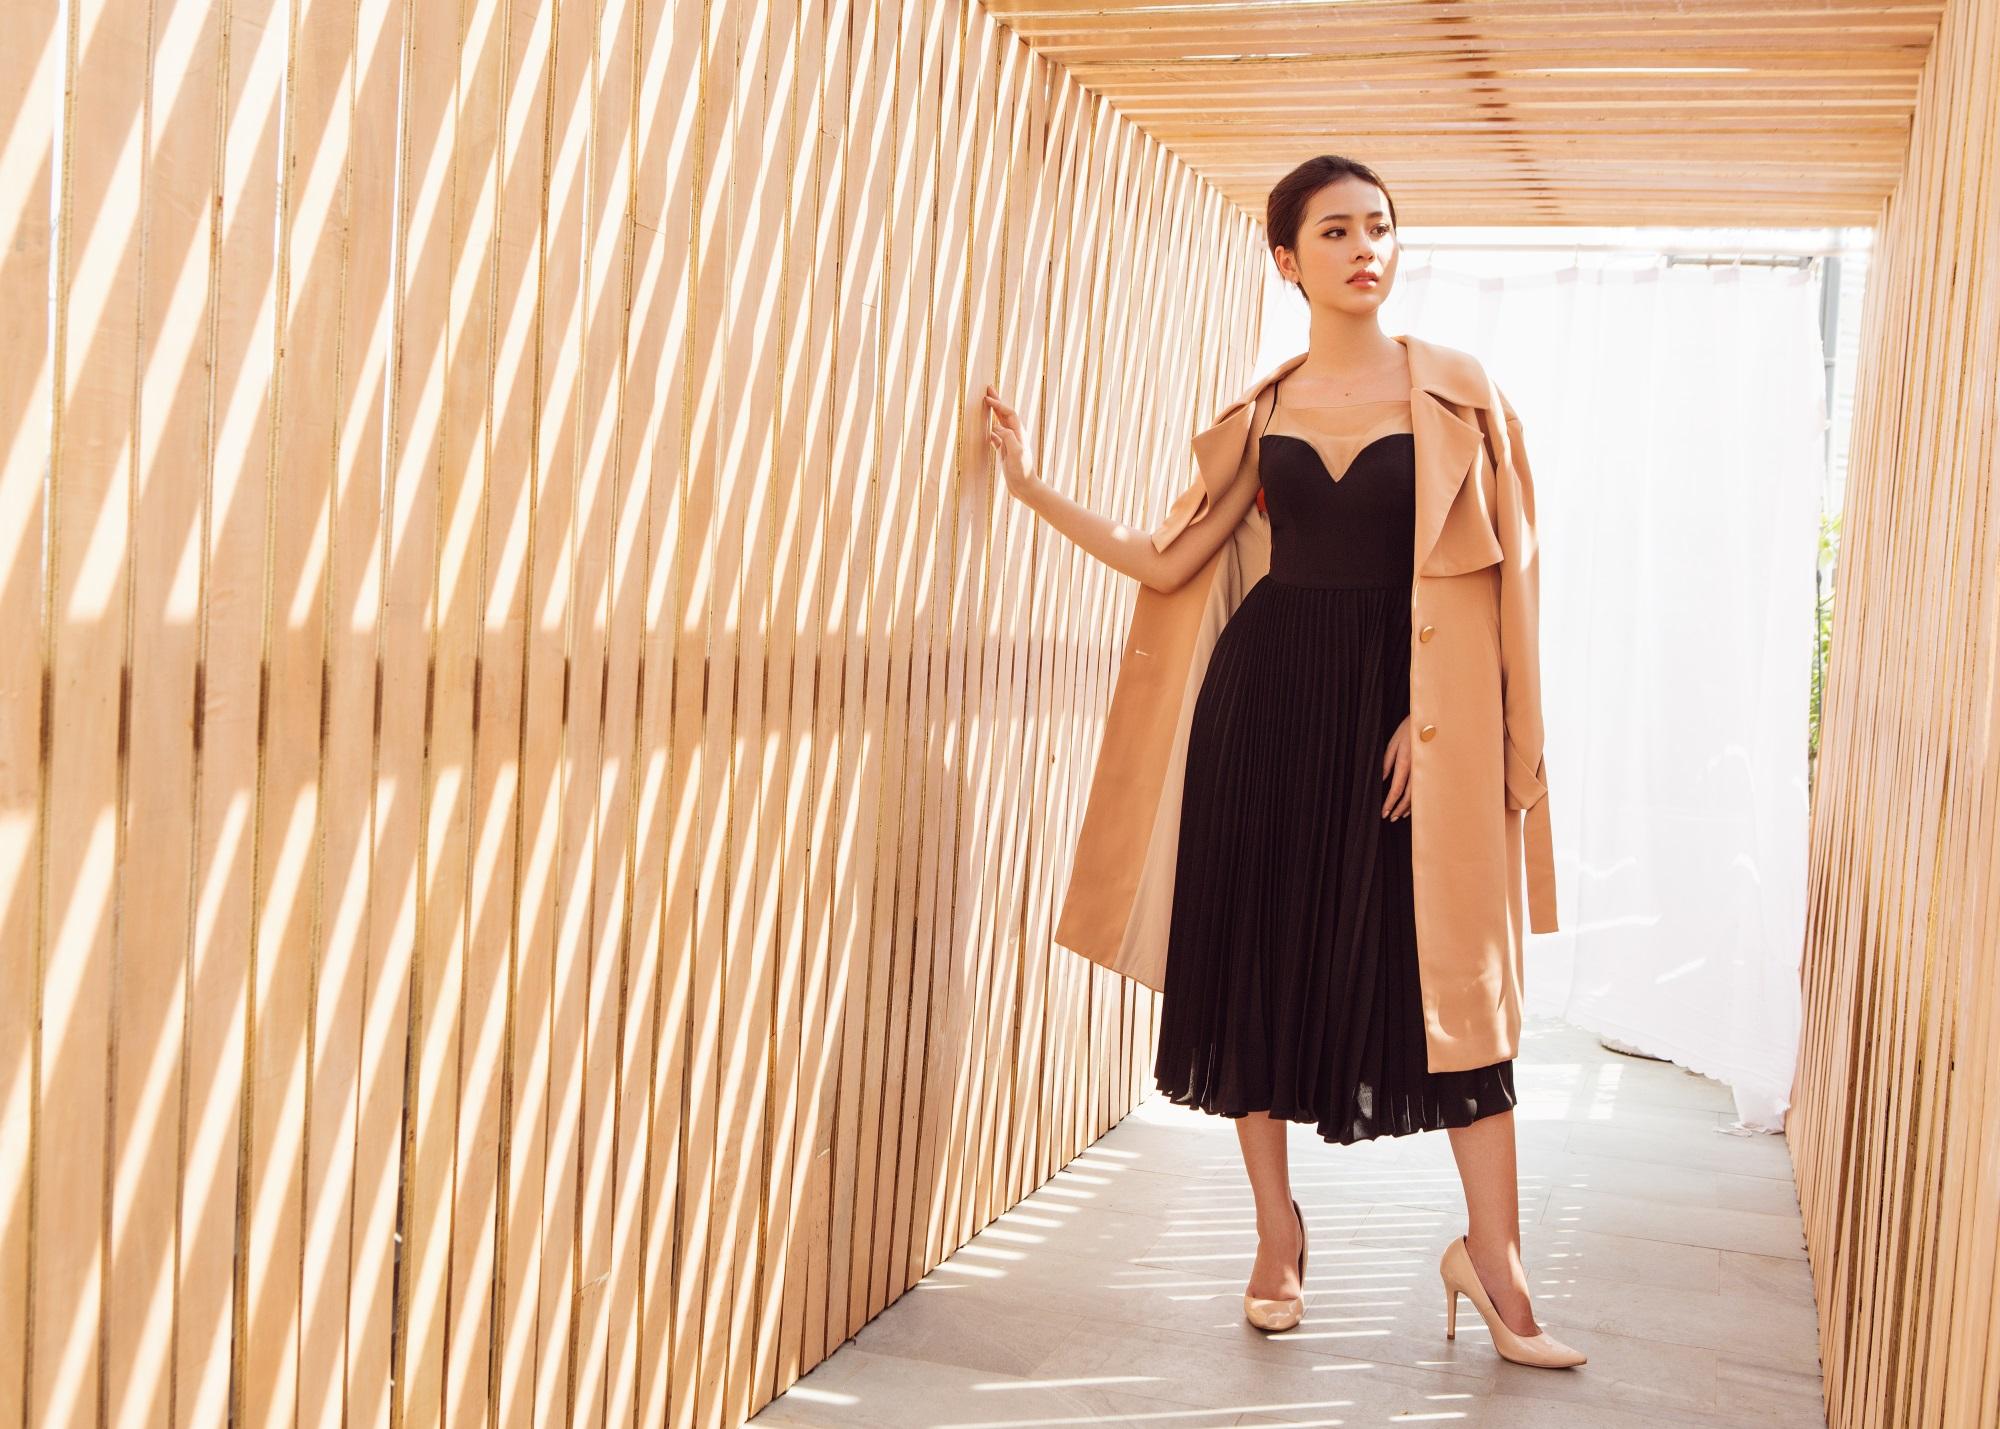 Hoa hậu Biển Kim Ngọc 'tái xuất' với hình ảnh quý cô thanh lịch đầy cuốn hút - Ảnh 5